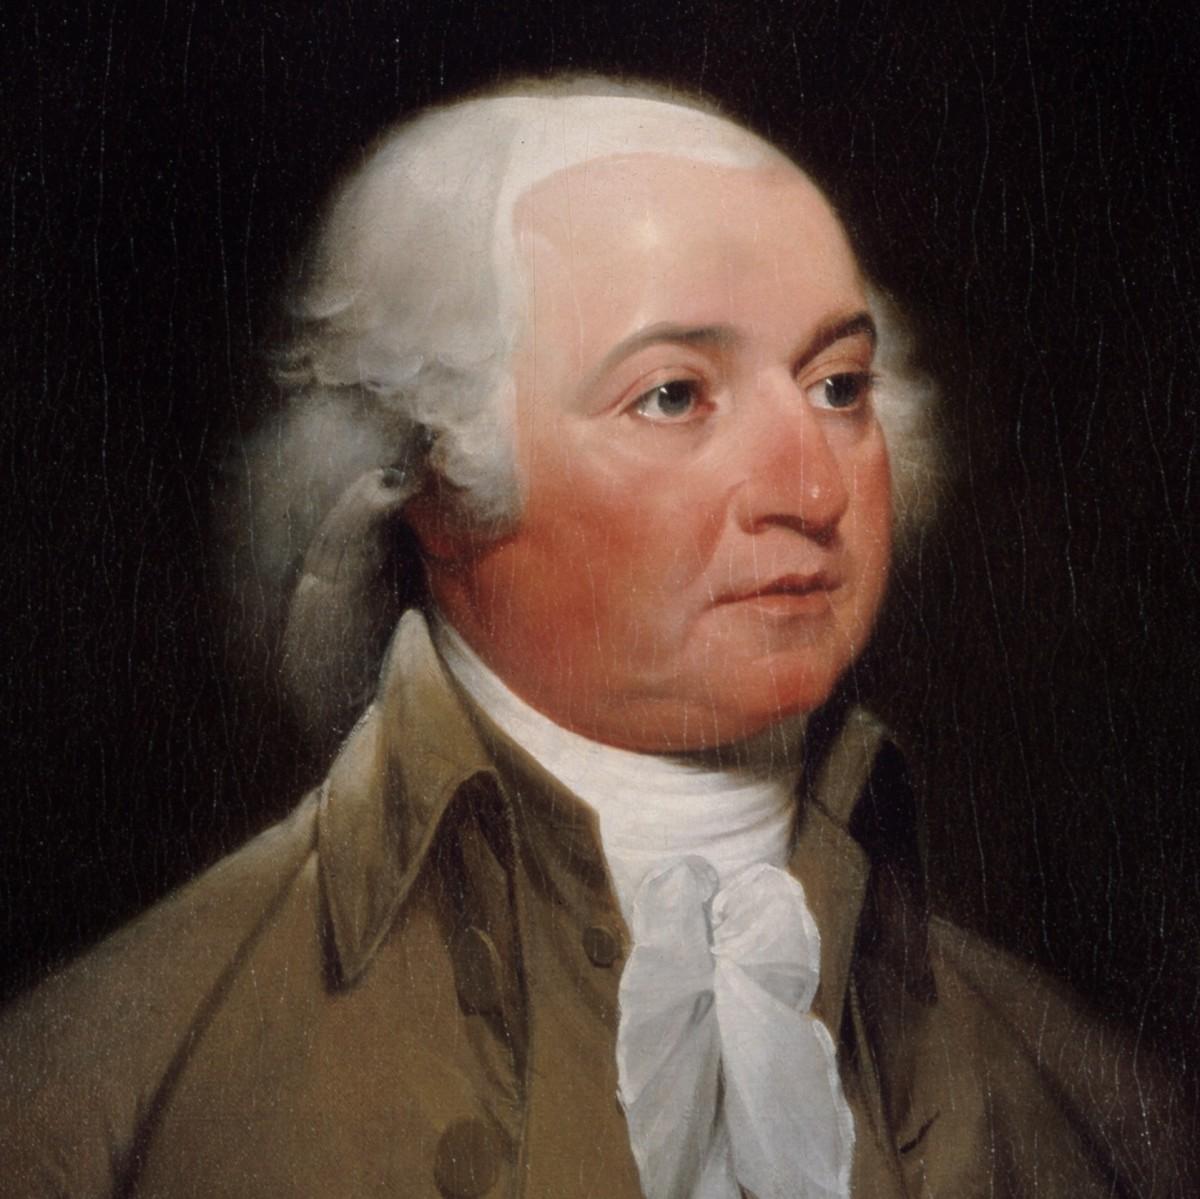 #2 John Adams